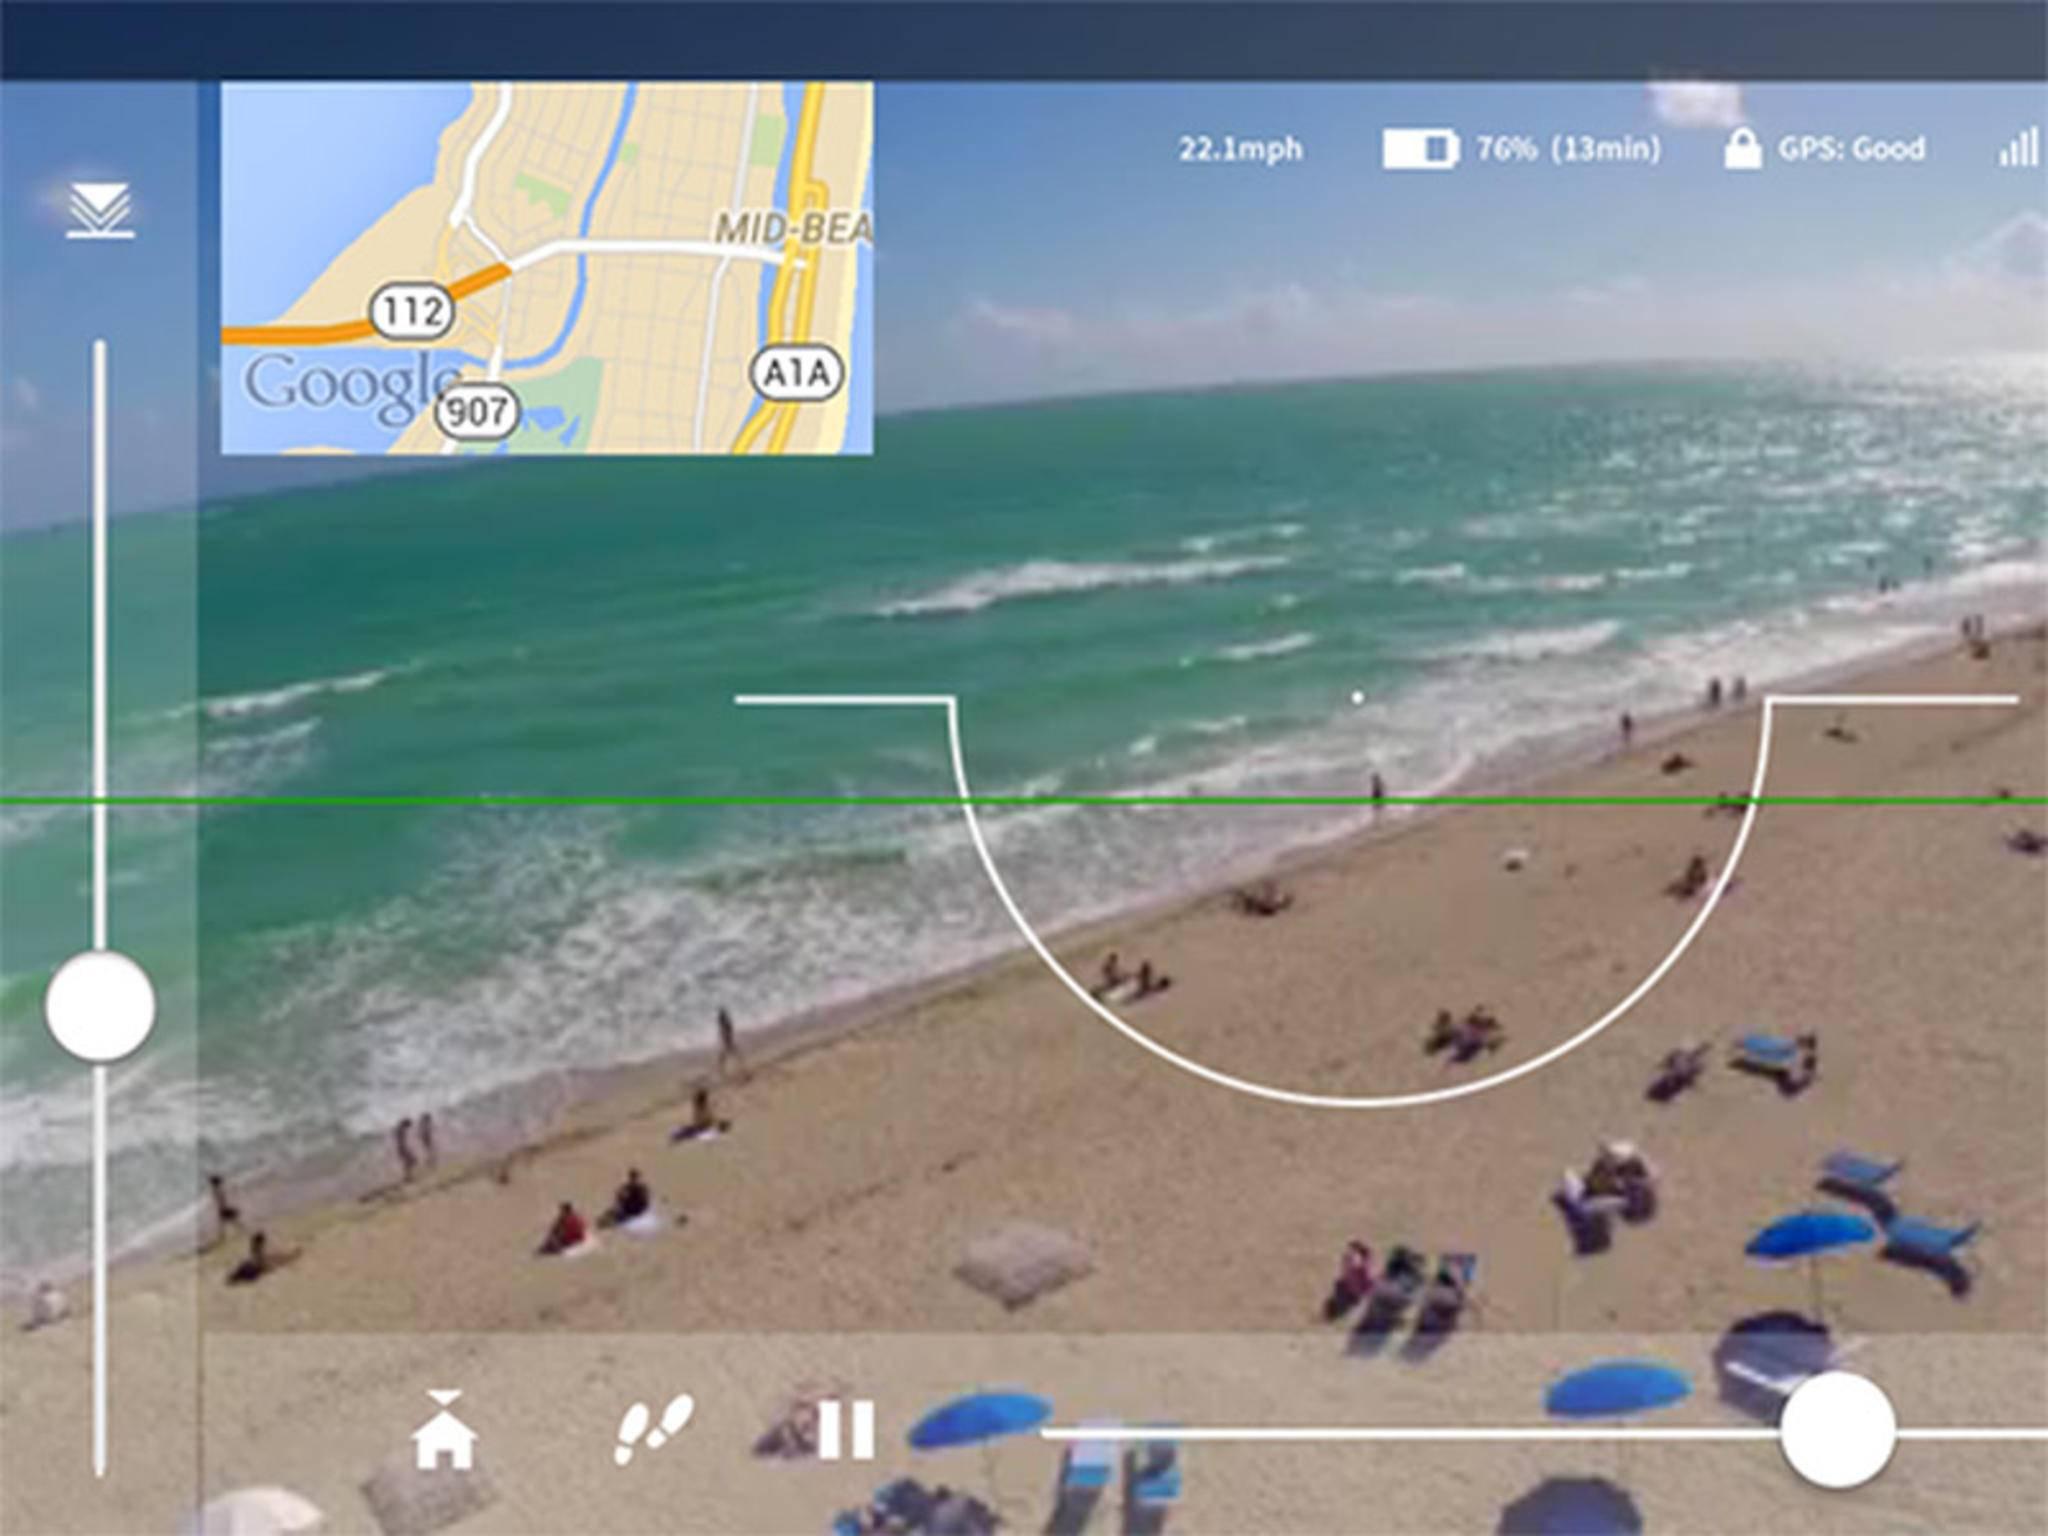 Dank Controller API können Entwickler ihre Apps kompatibel mit der Drohne machen.